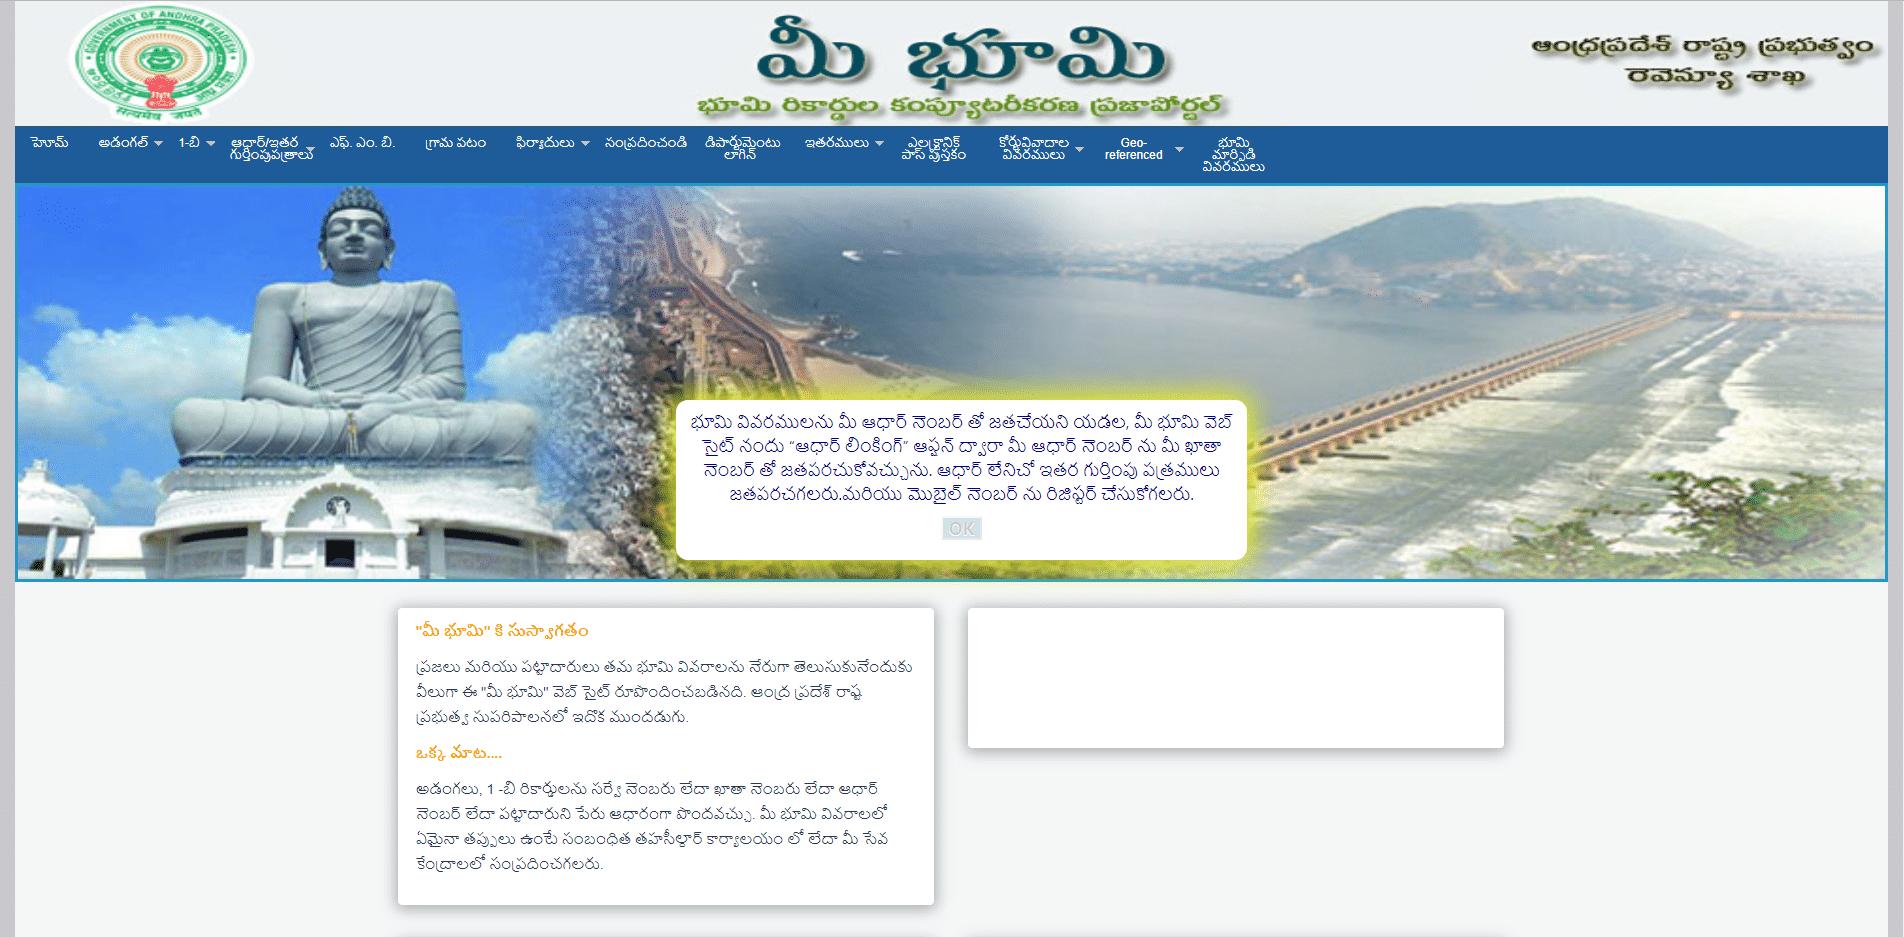 mee bhoomi homepage